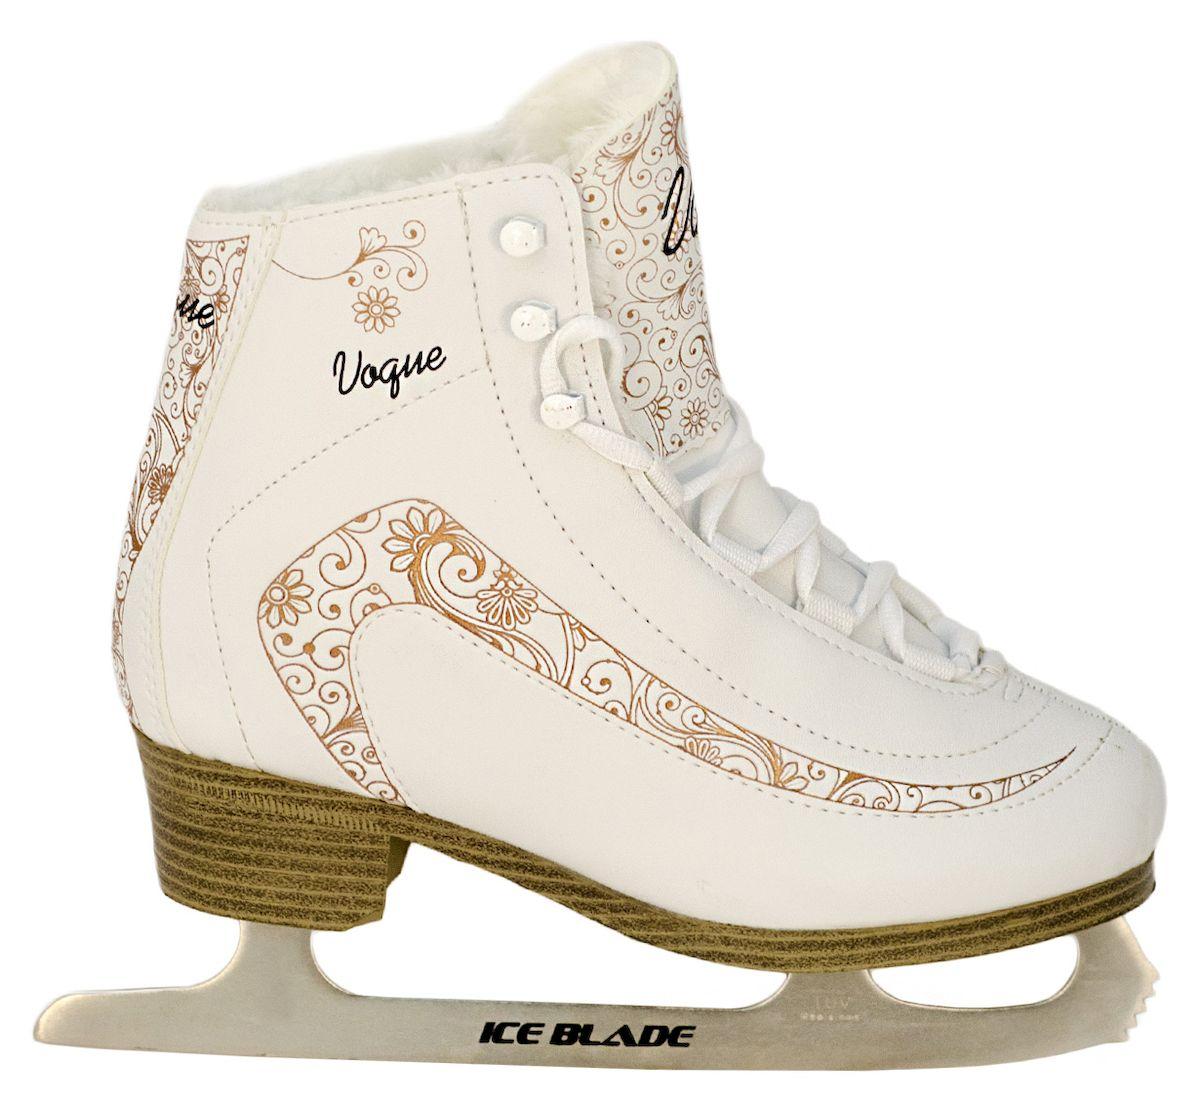 Коньки фигурные Ice Blade Vogue, цвет: белый, золотой. УТ-00006871. Размер 32